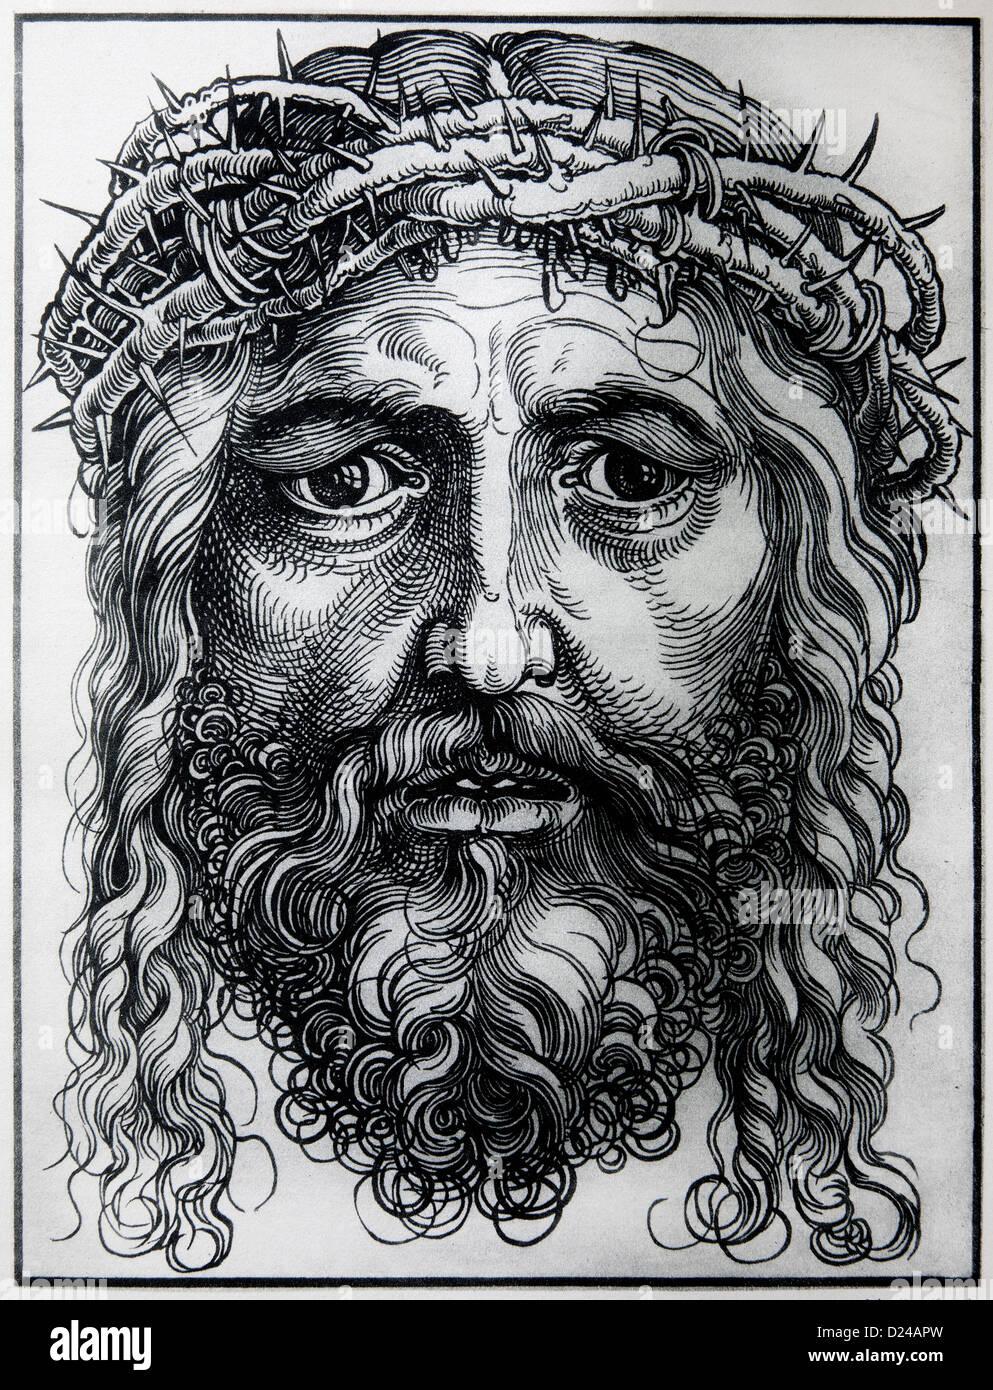 Germania - 1928: litografia di testa di Gesù Cristo da Alberto Durer. Immagini Stock